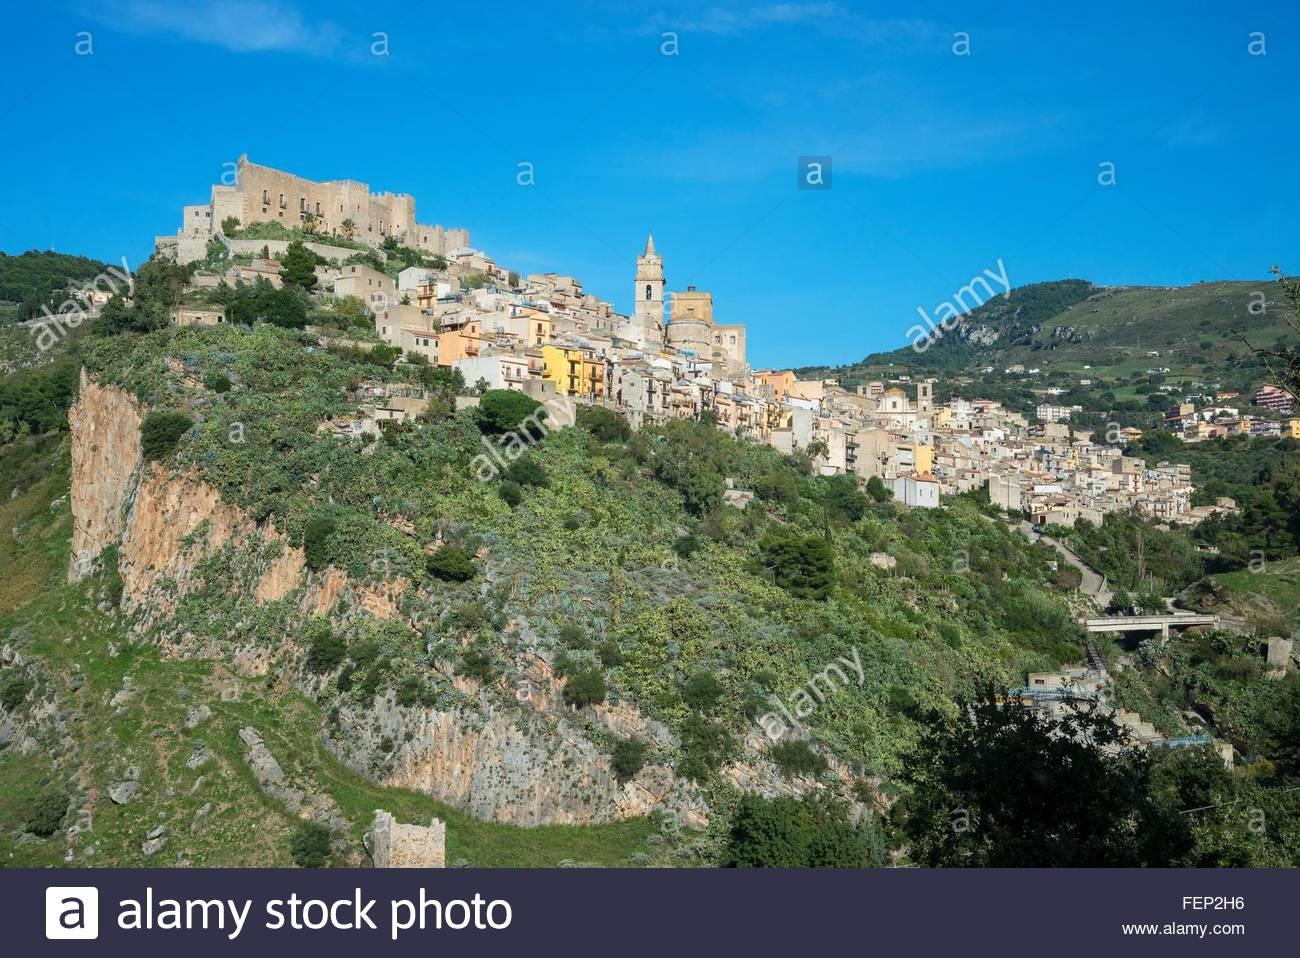 Caccamo castle, Caccamo, Sicily, Italy - Stock Image